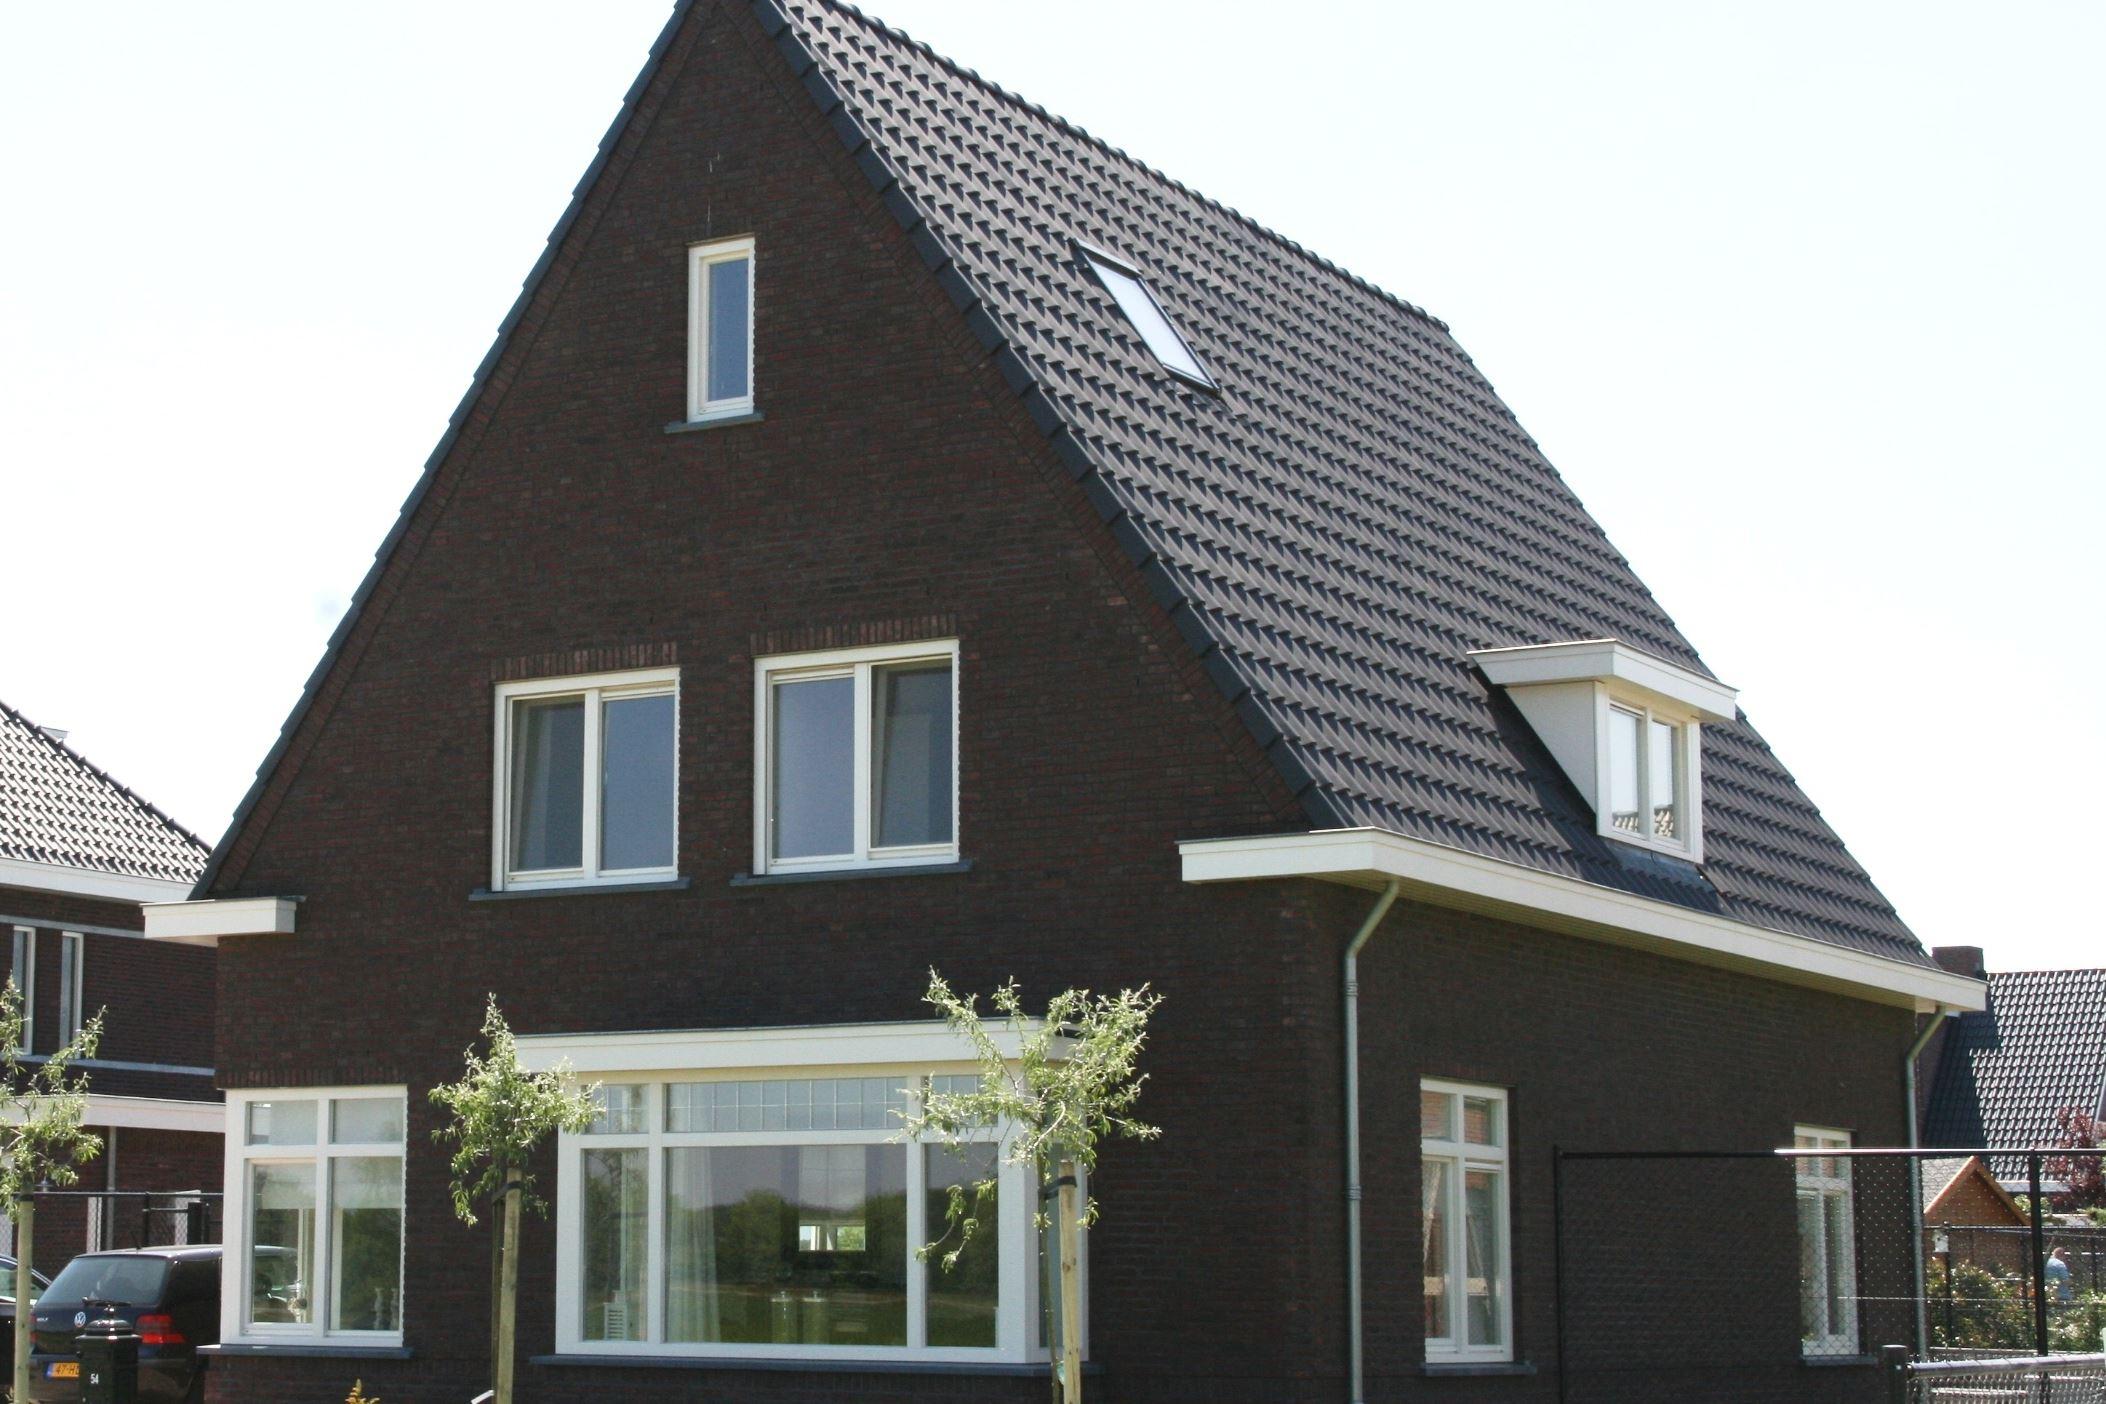 Gas Kosten Per M3 Kosten Bouwen Vrijstaande Woning Per